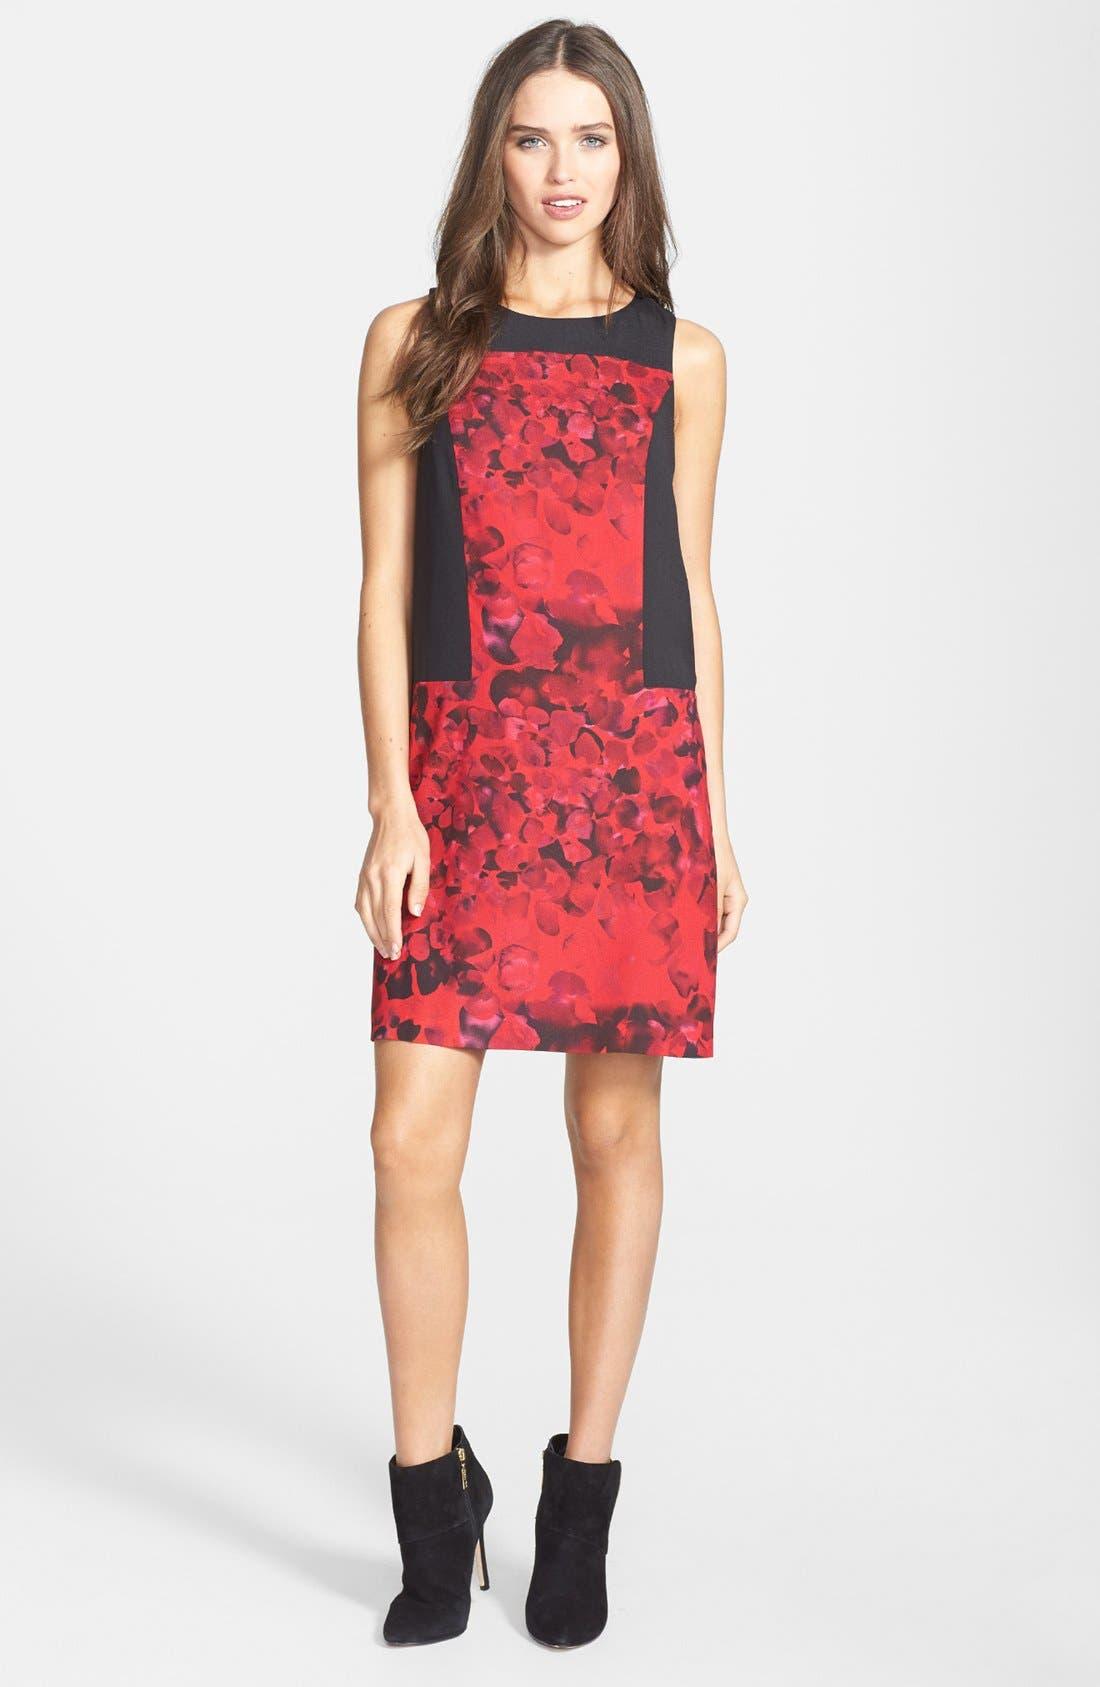 Alternate Image 1 Selected - kensie 'Petals' Crepe Shift Dress